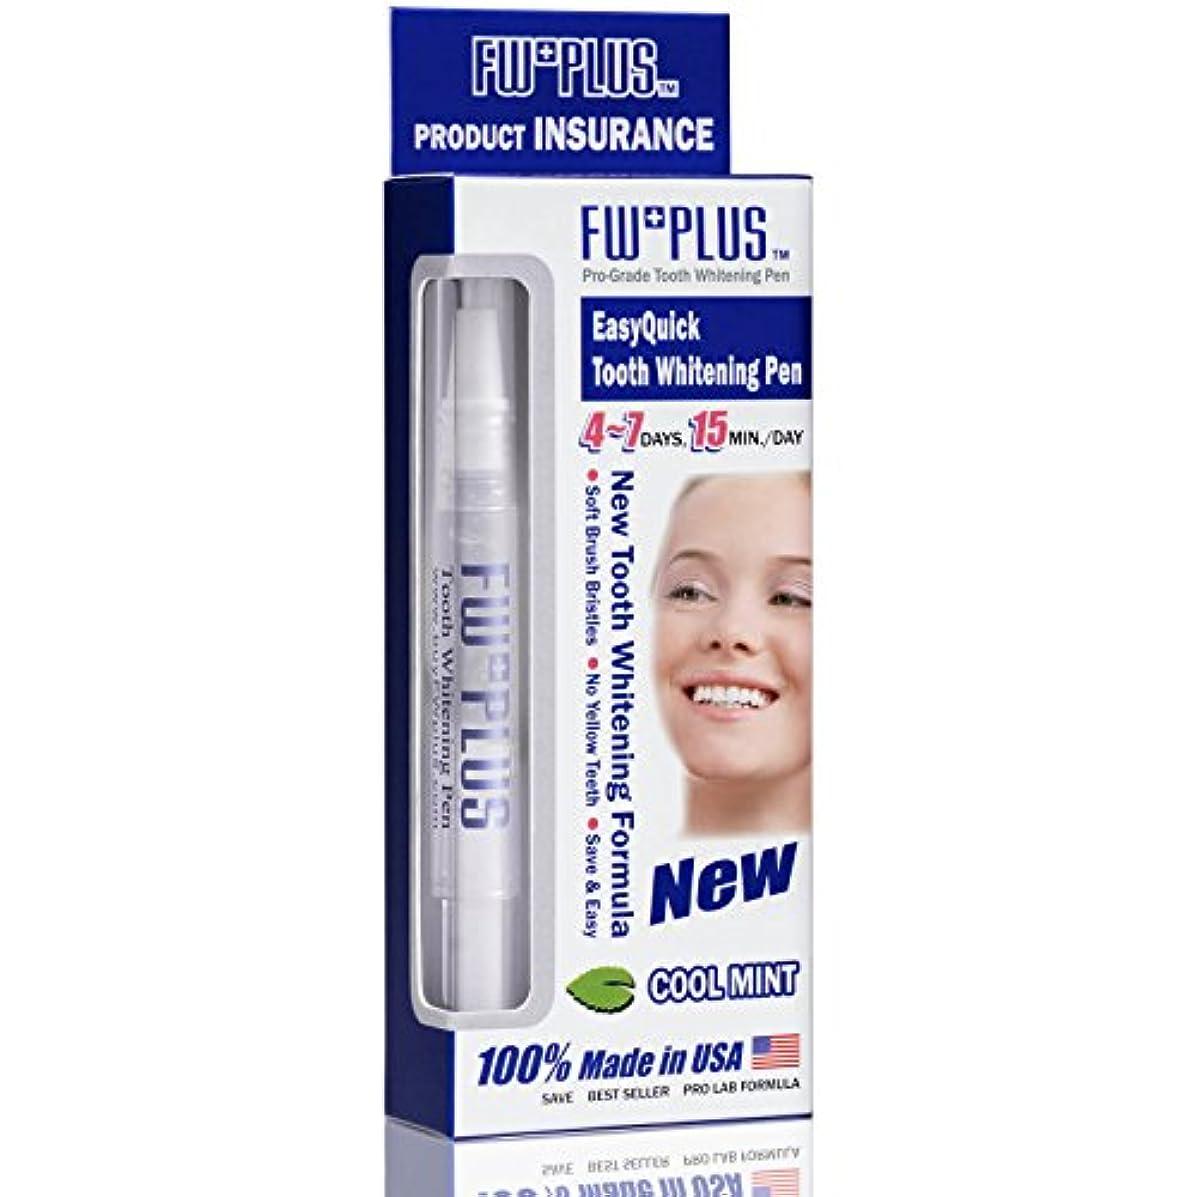 みなす推進ブラストFW+PLUS菲斯華 歯を白くする 簡単即効ホーム歯ホワイトニングペン 歯ホワイトニング 人気 歯ホワイトニング ジェル